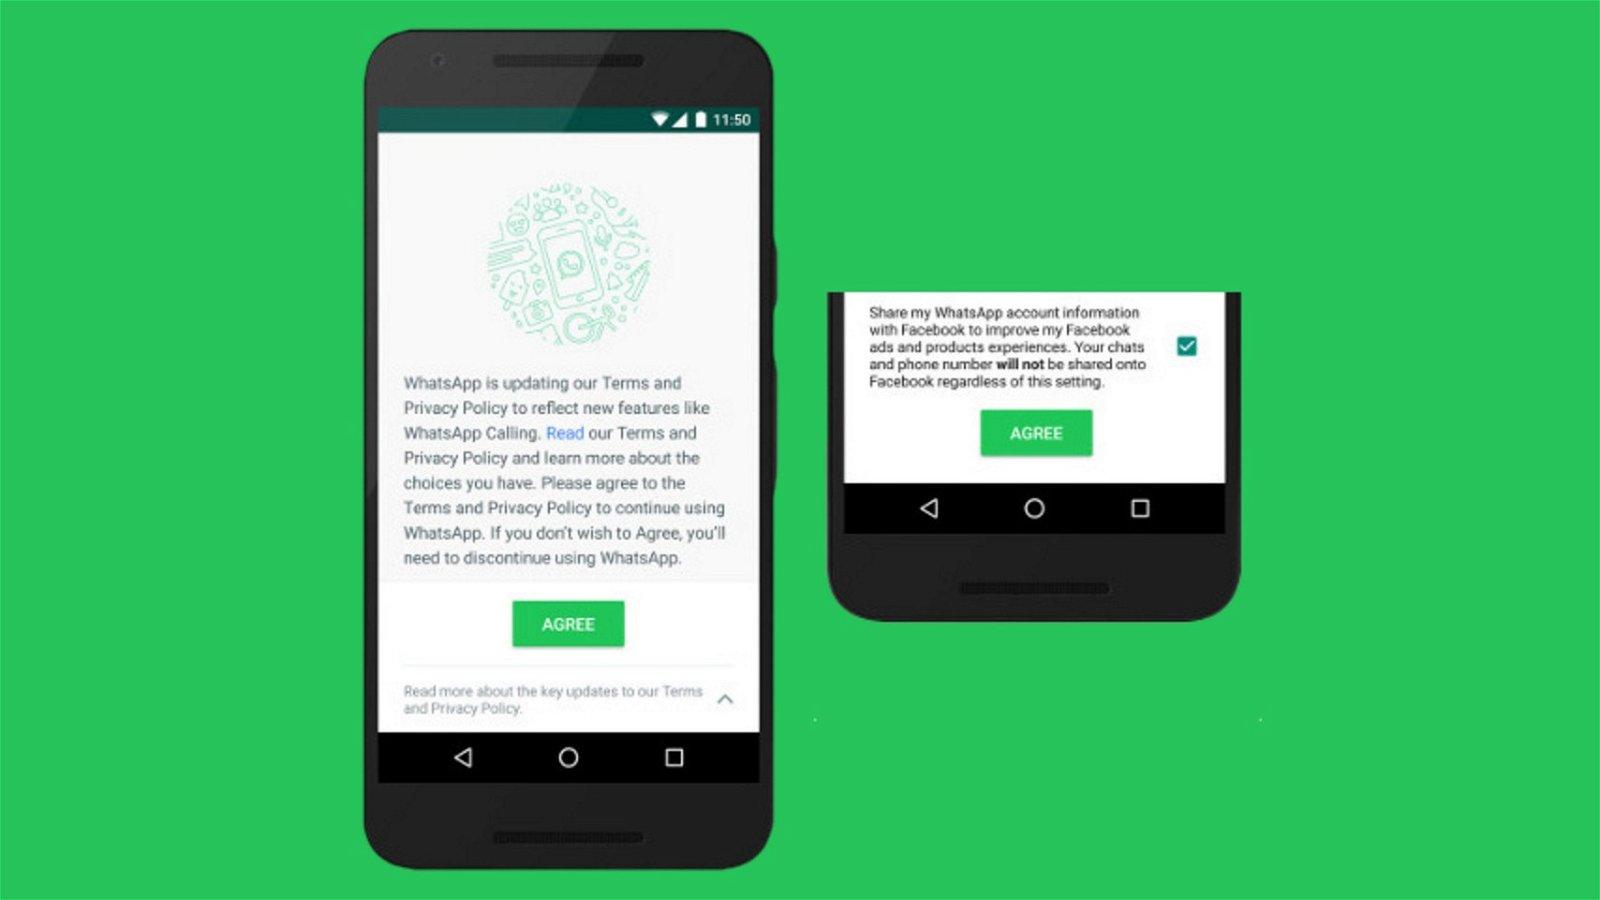 WhatsApp obliga a aceptar sus nuevos términos para seguir funcionando